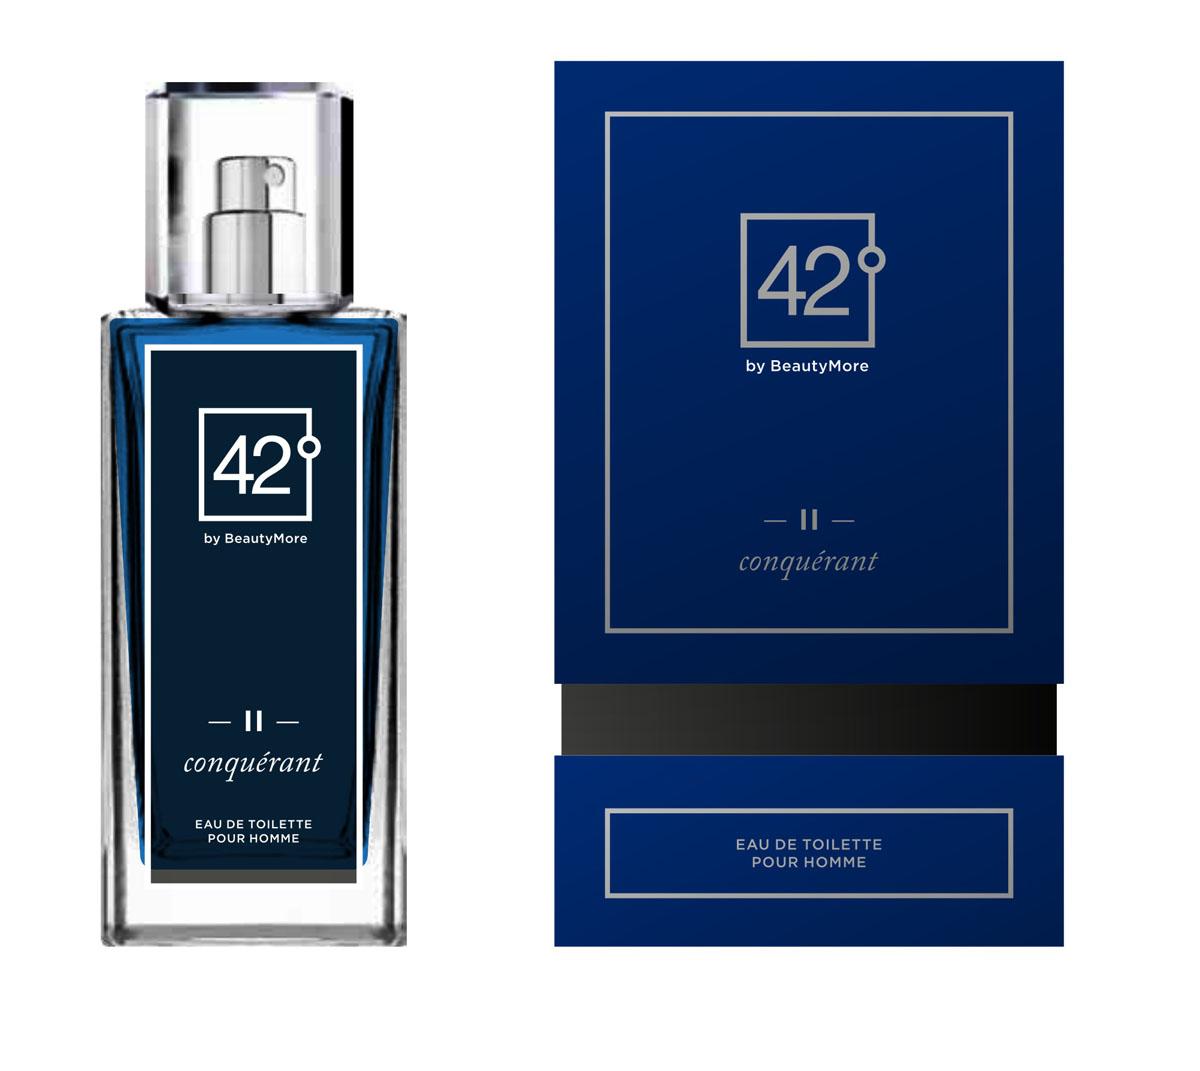 Fragrance 42 Туалетная вода для мужчин II Conquerant 100 млSC-FM20104Конкьюрант - аромат созданный для настоящих,решительных, мужчин,уверенных в себе и смело покоряющих любые цели. Этот аромат станет завершающей ноткой в вашем неотразимом образе. Верхняя нота-грейпфрут,мандарин,морские ноты нота сердца - лавровый лист,жасмин,базовые ноты - Гваяковое дерево,дубовый мох,пачули,серый янтарь